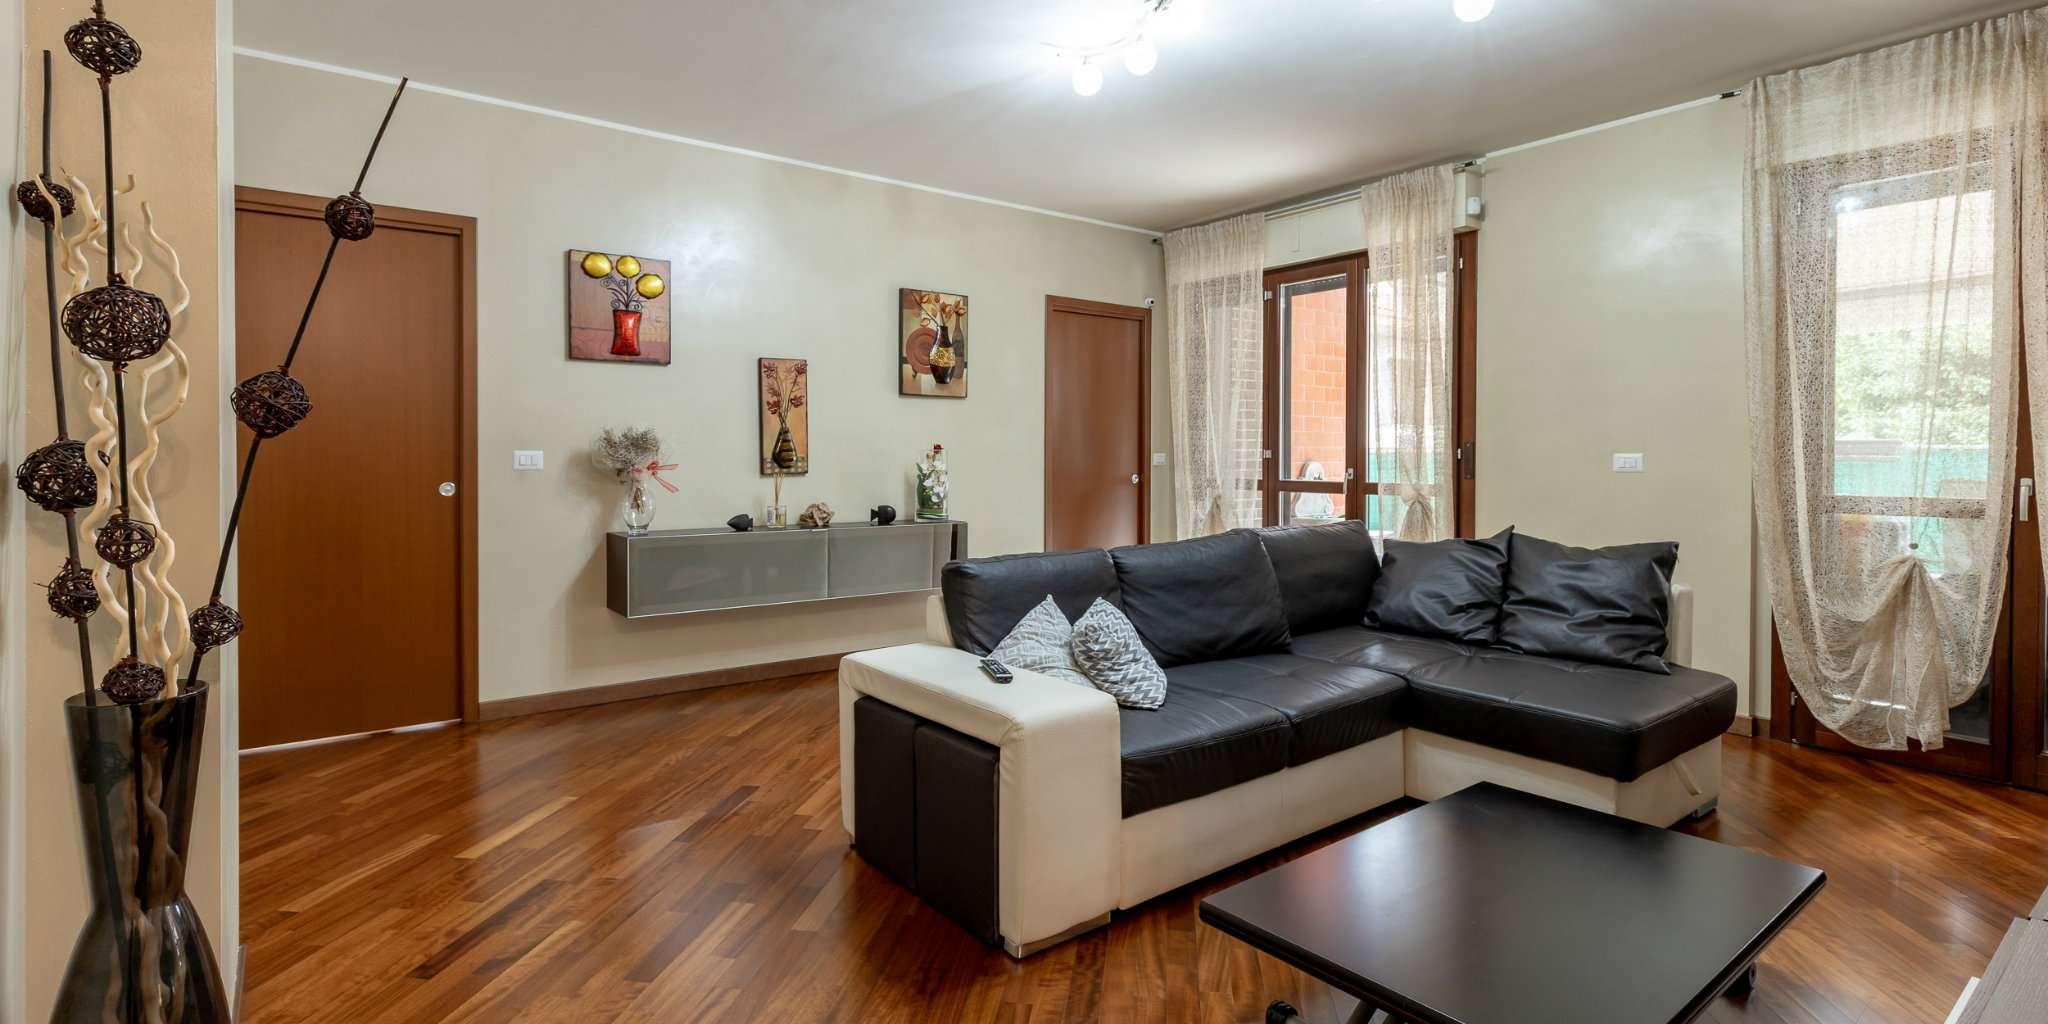 Appartamento in vendita a Trezzano sul Naviglio, 4 locali, prezzo € 310.000 | PortaleAgenzieImmobiliari.it